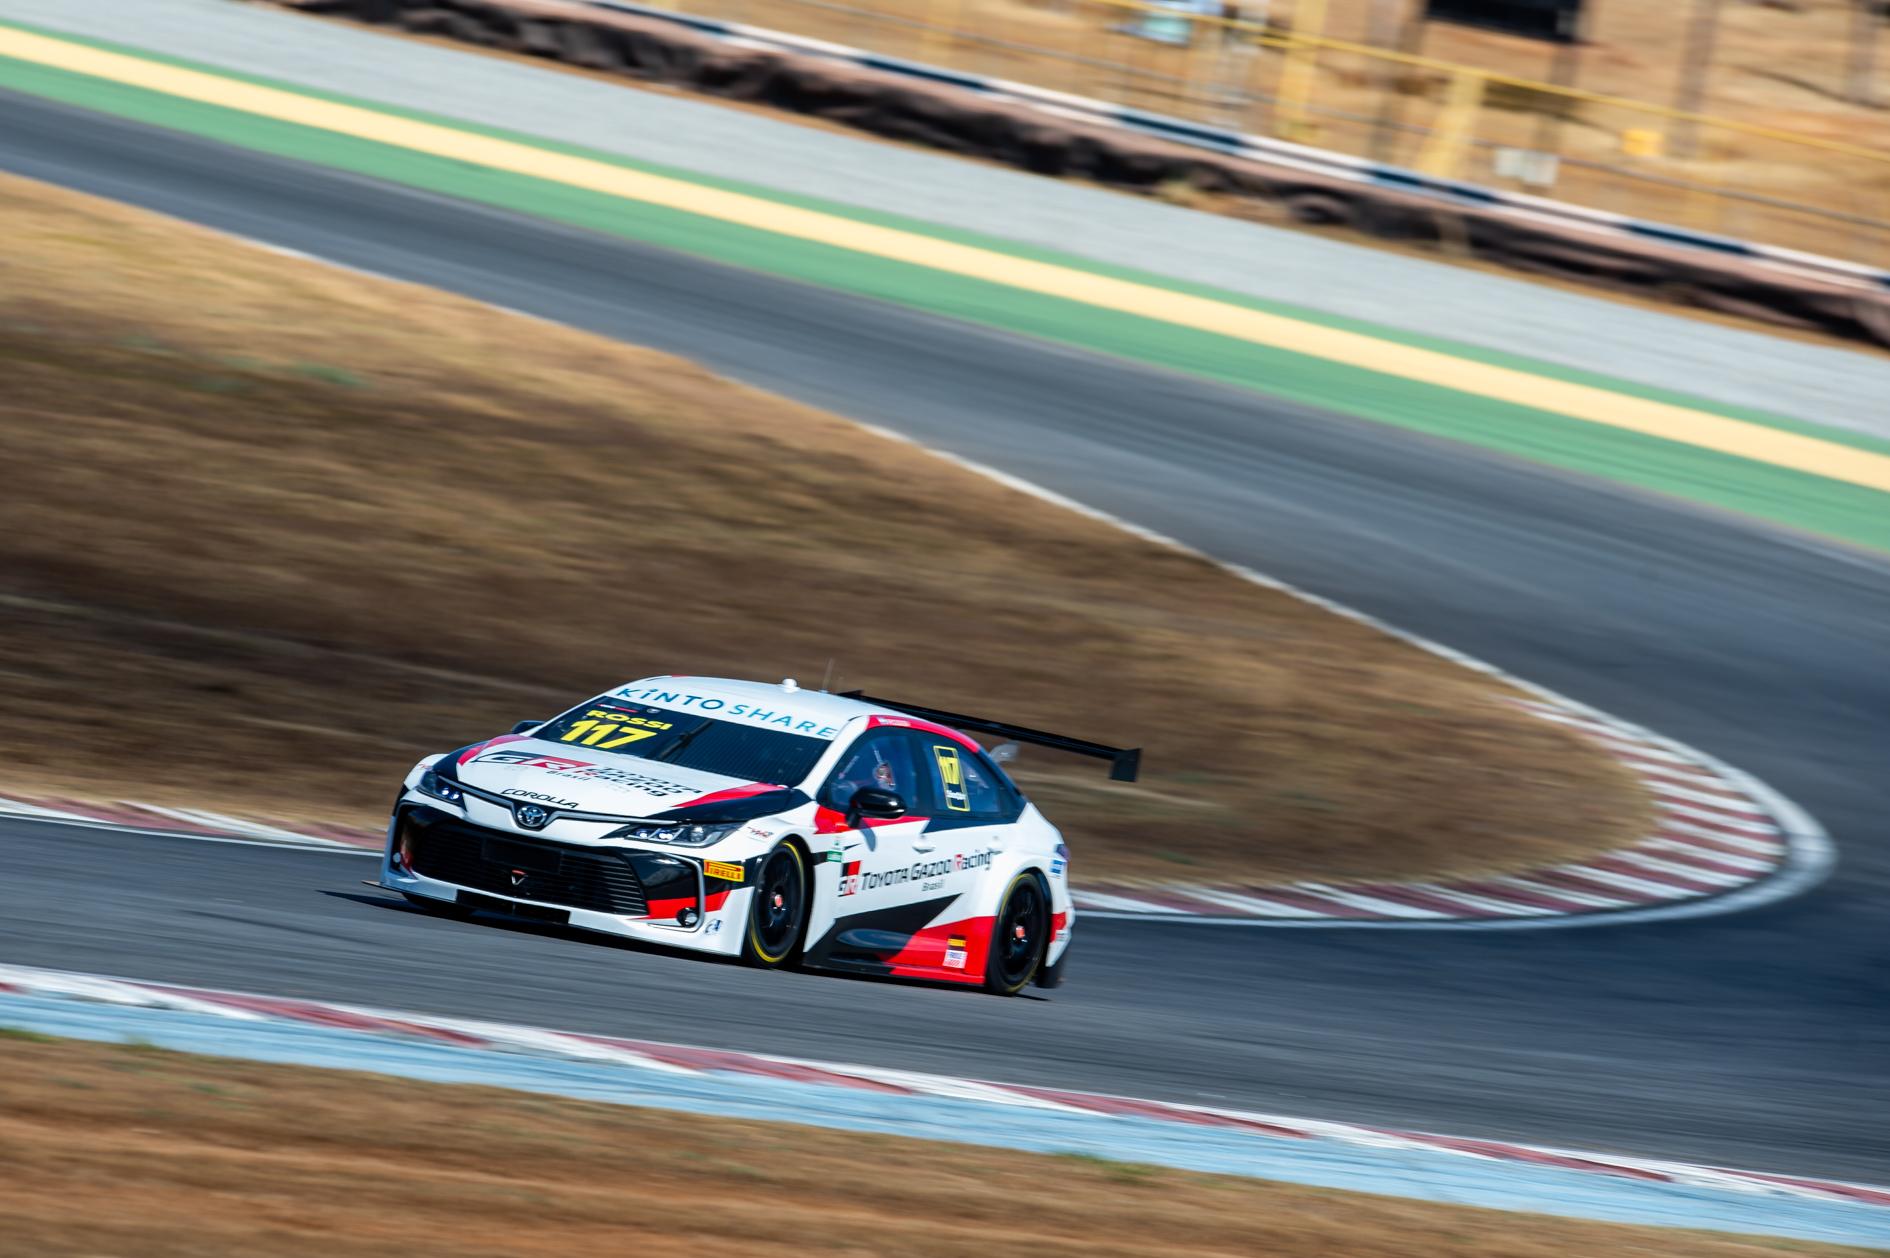 TOYOTA GAZOO Racing estreia com Vitória na abertura da temporada 2020 da Stock Car!!!